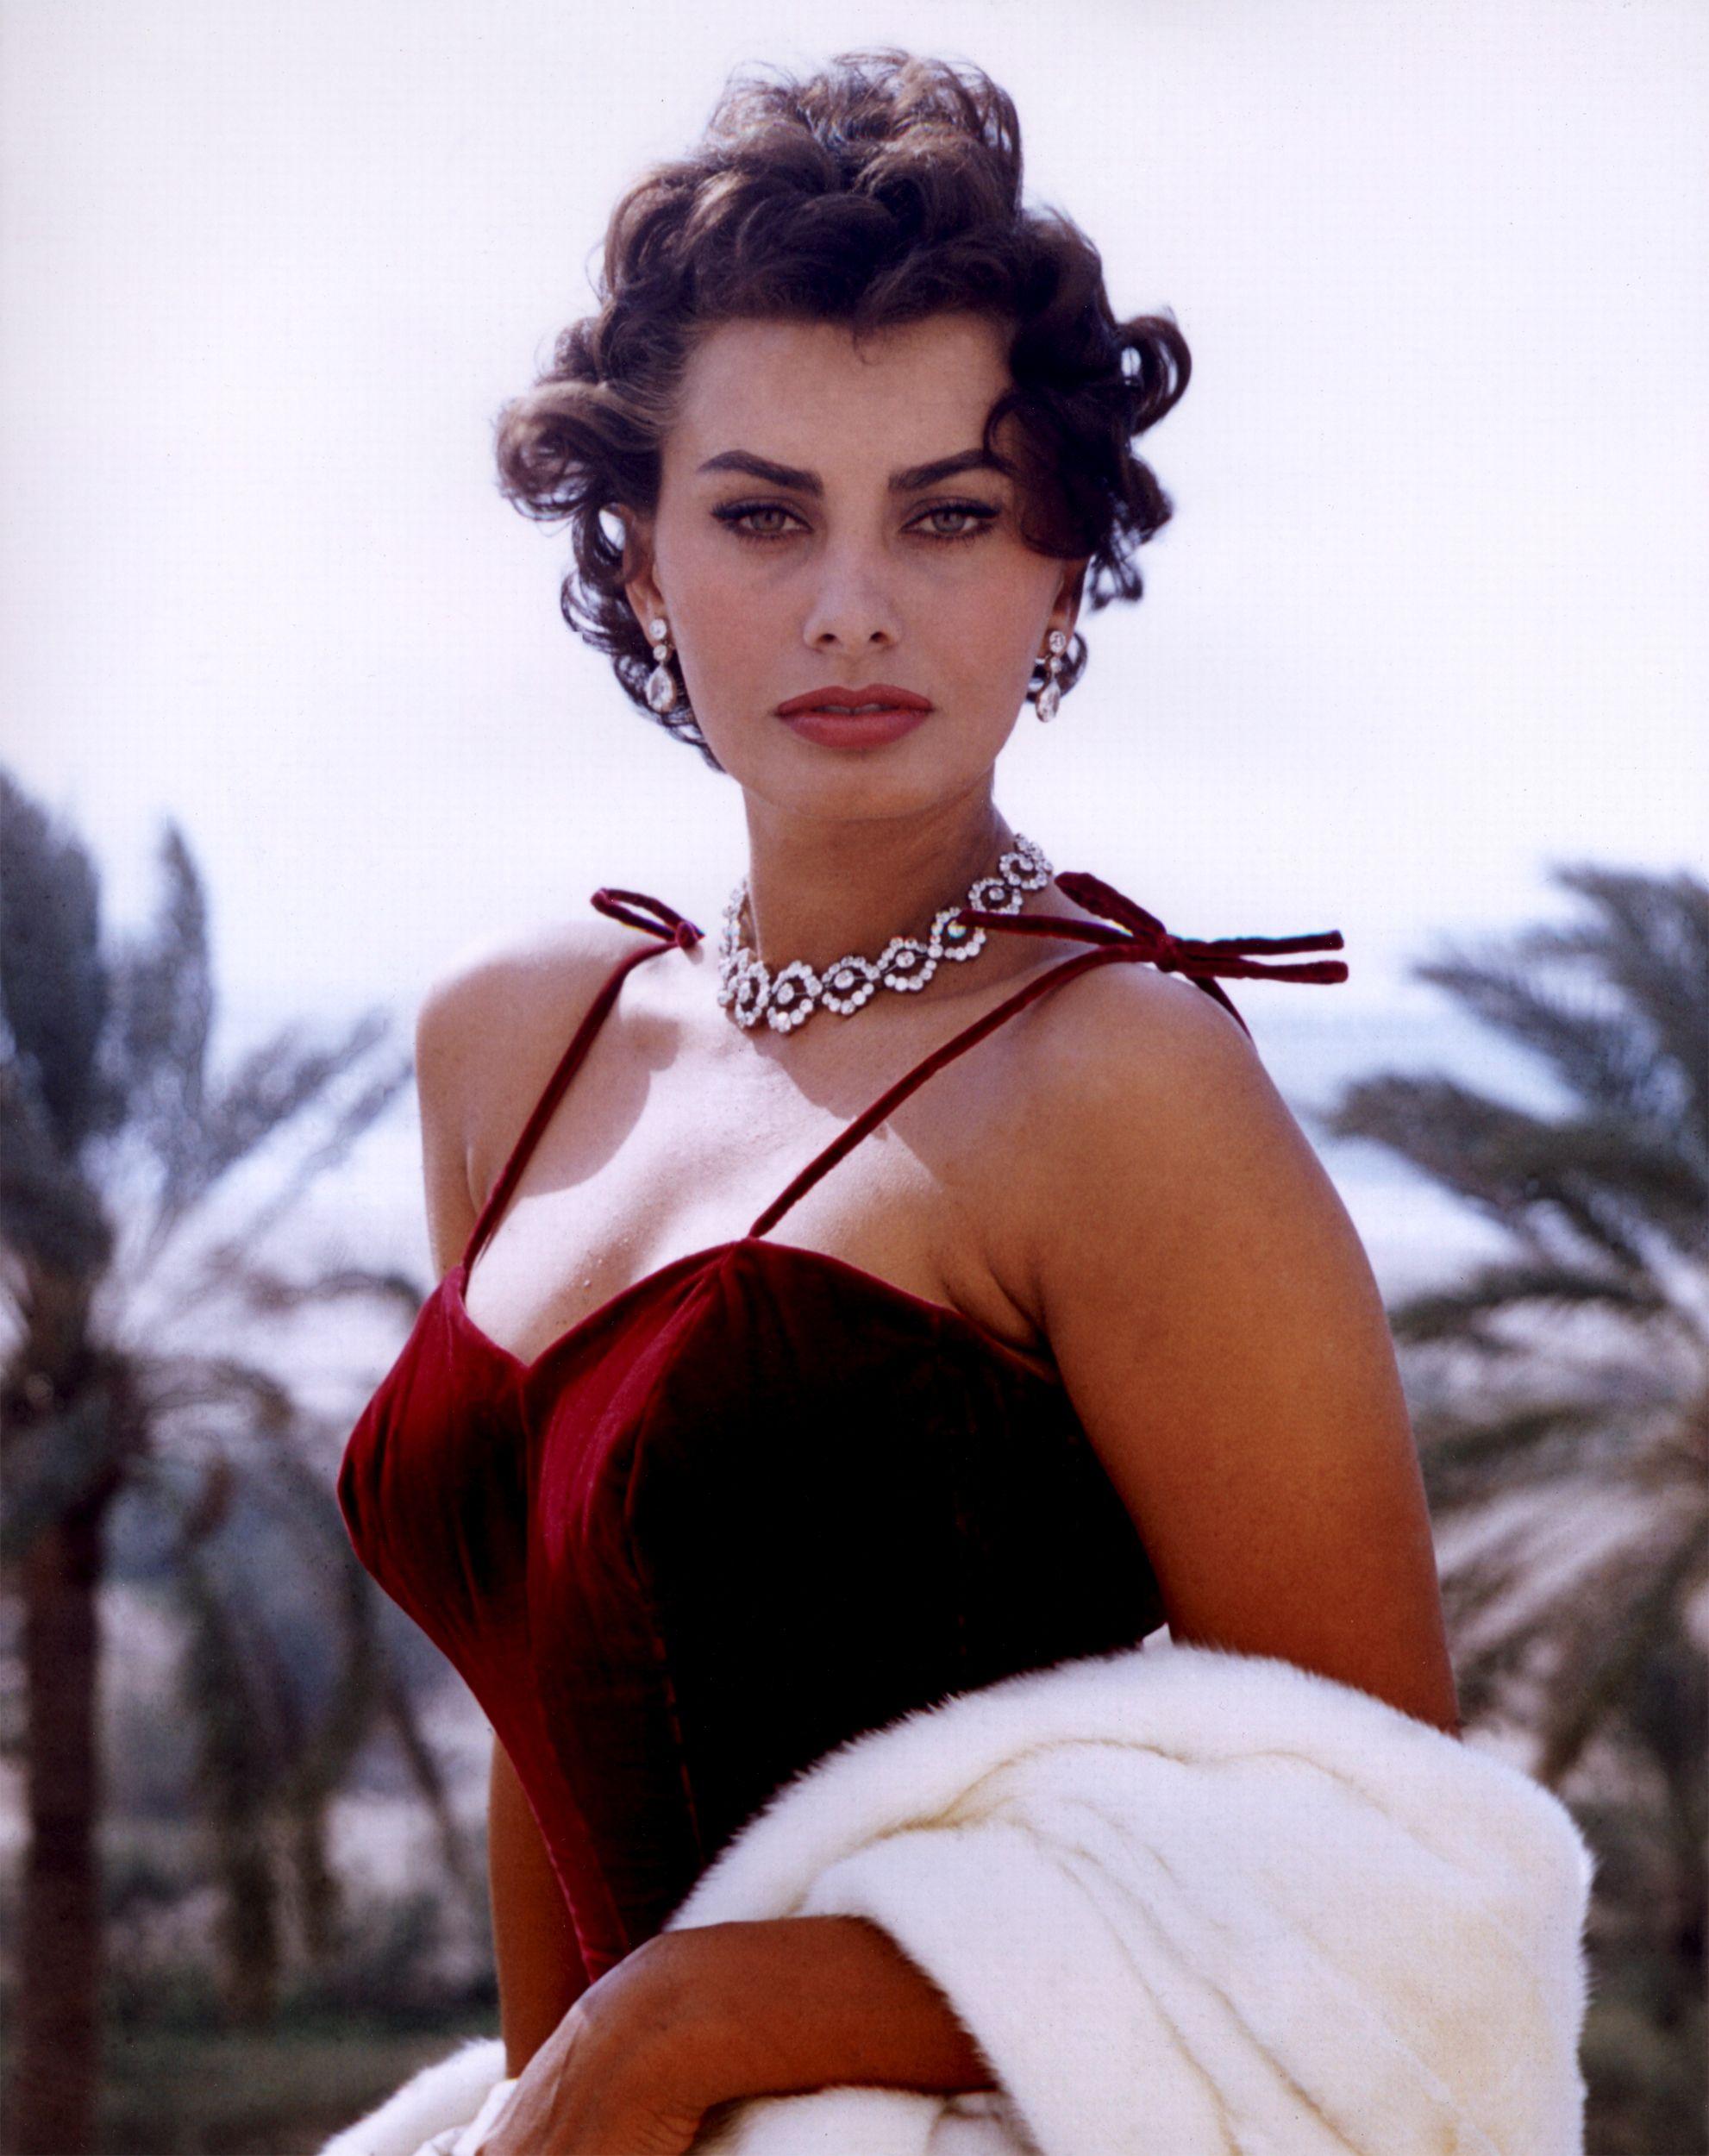 Sophia Loren, una mujer que supo recorrer un camino que le llevó de la simpática vulgaridad a ser considerada una gran señora del mundo del cine.